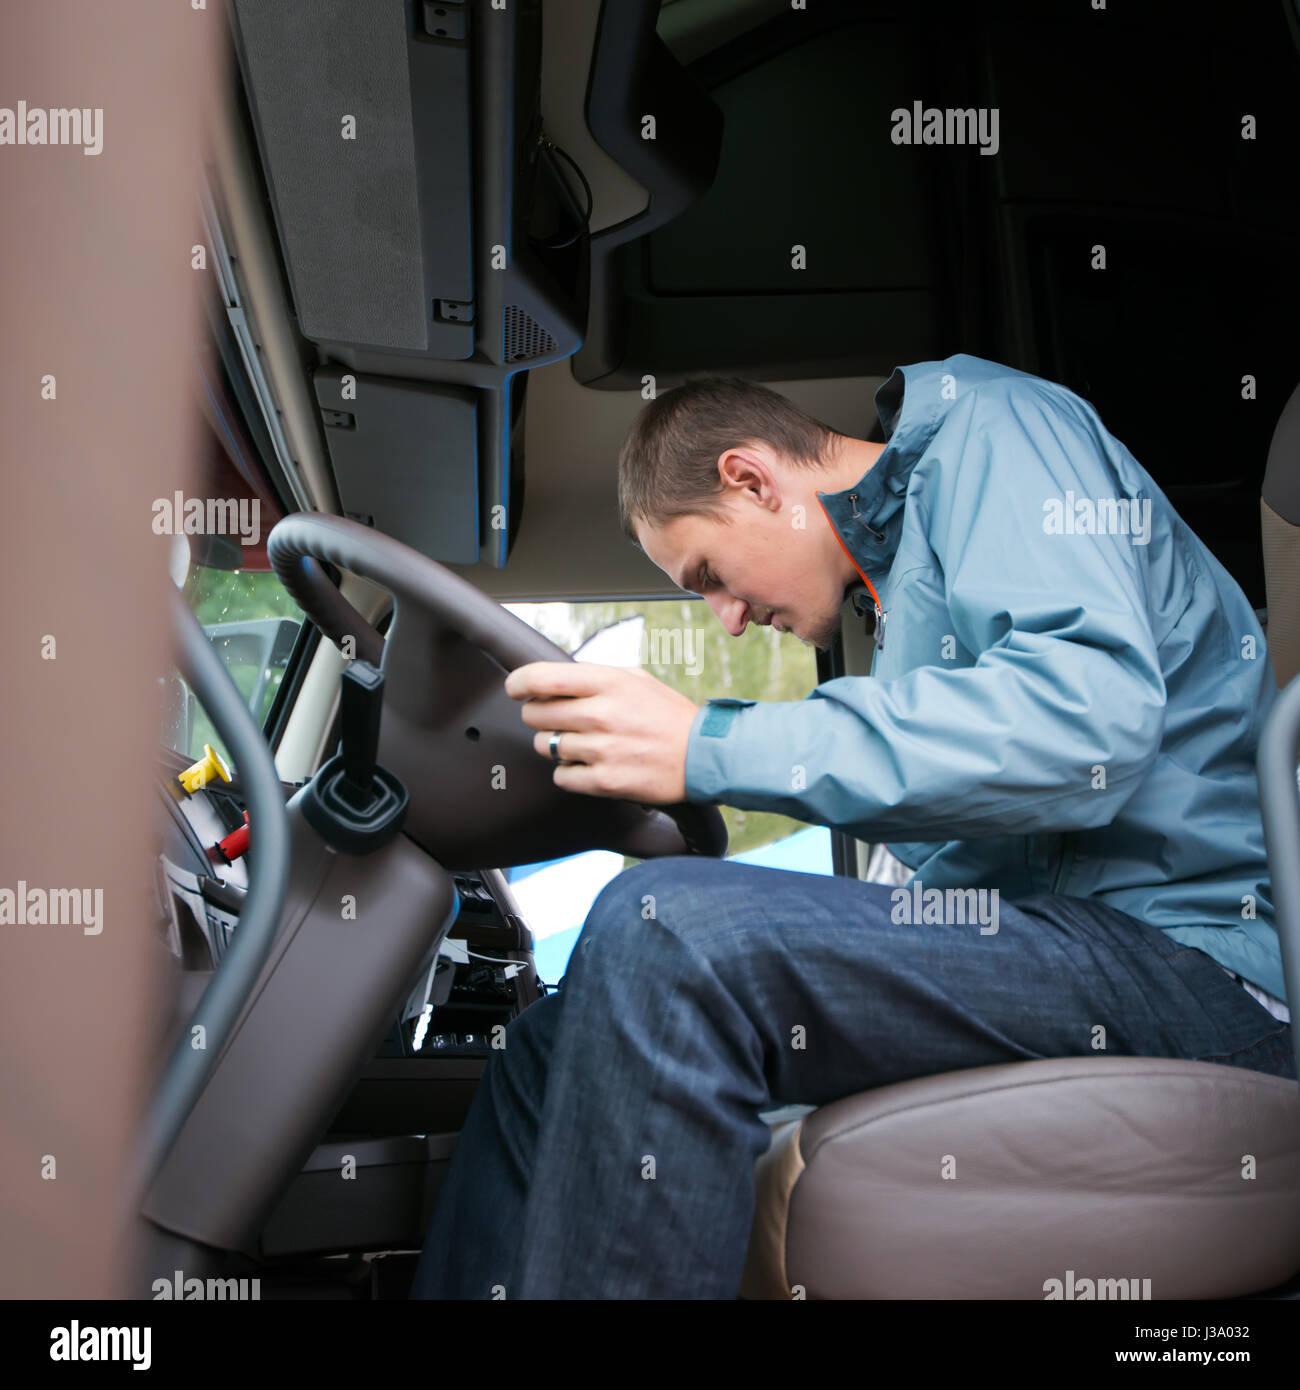 Joven conductor de camión se asienta en una cómoda cabina del camión moderno y verificar la idoneidad Imagen De Stock